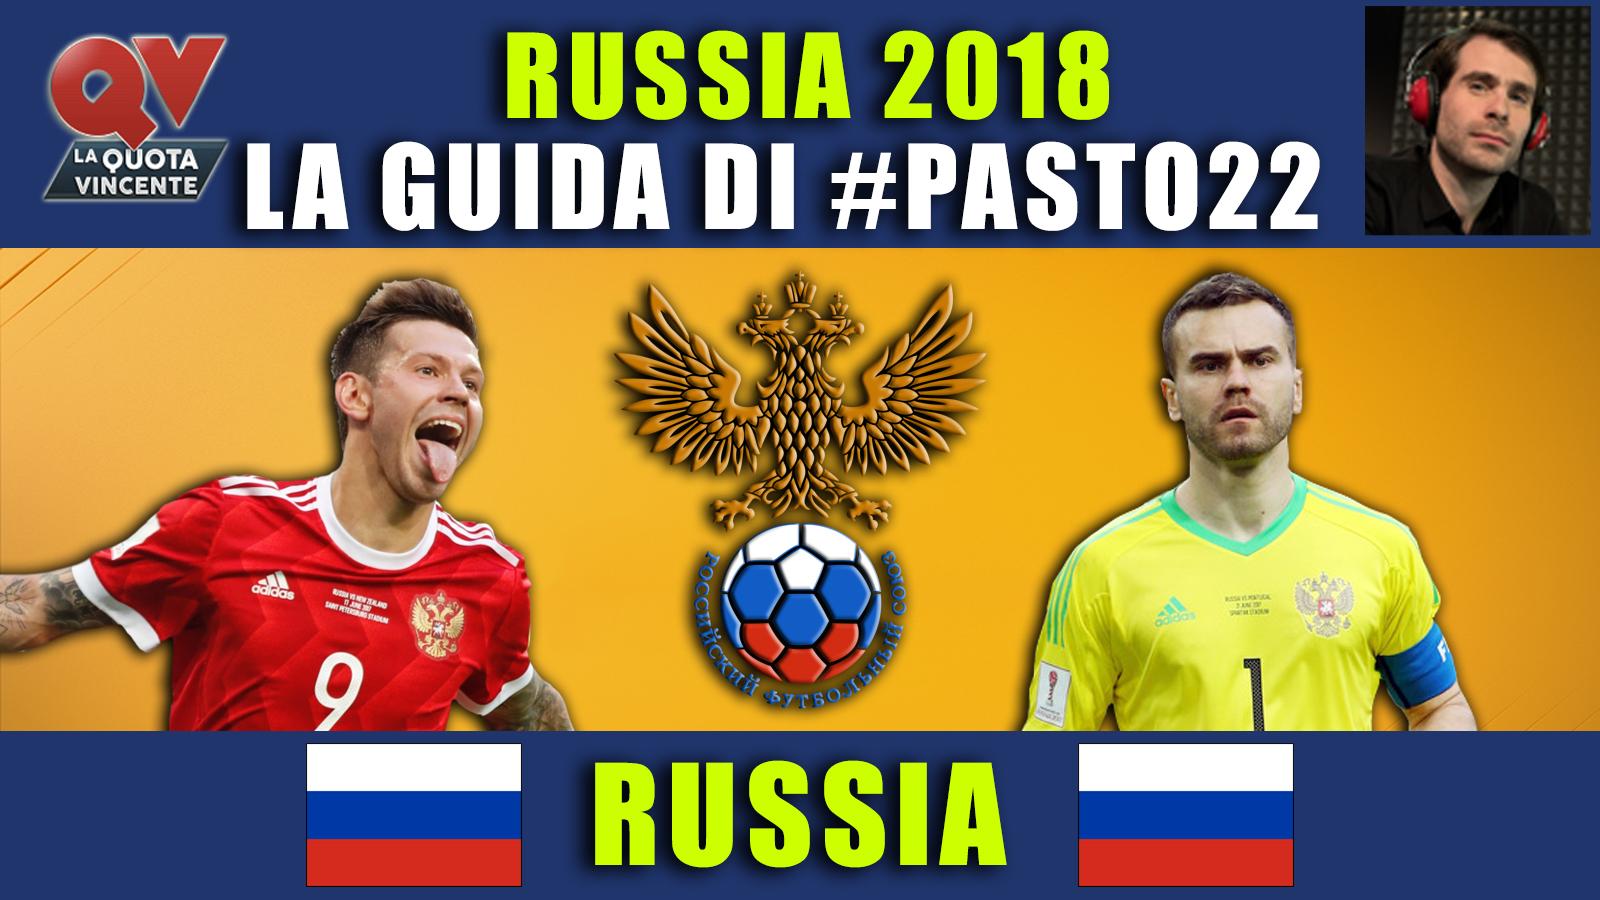 Guida Mondiali Russia 2018 Russia